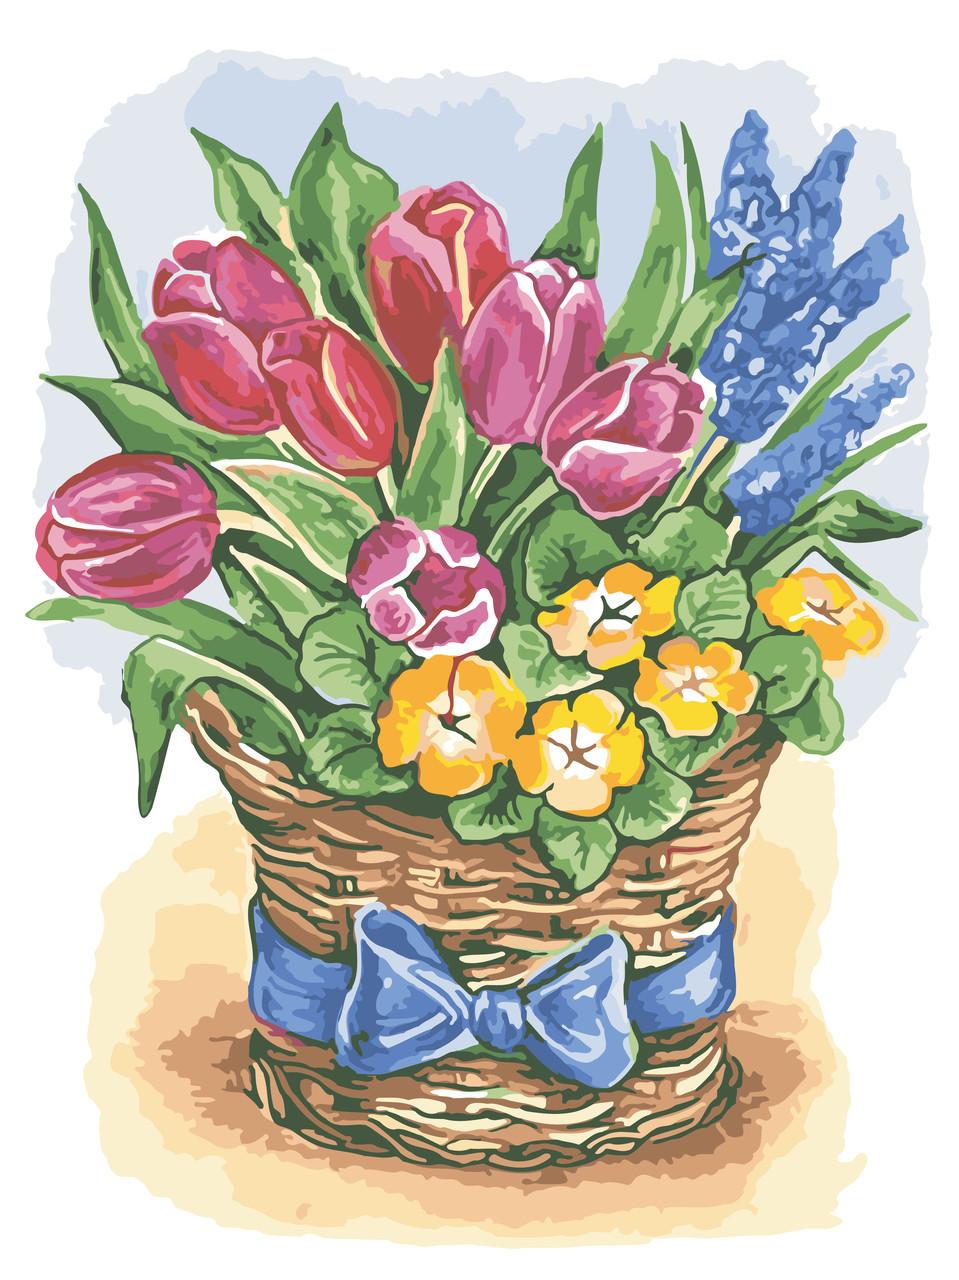 Картина за номерами Святкові квіти 30 х 40 см (AS0575)